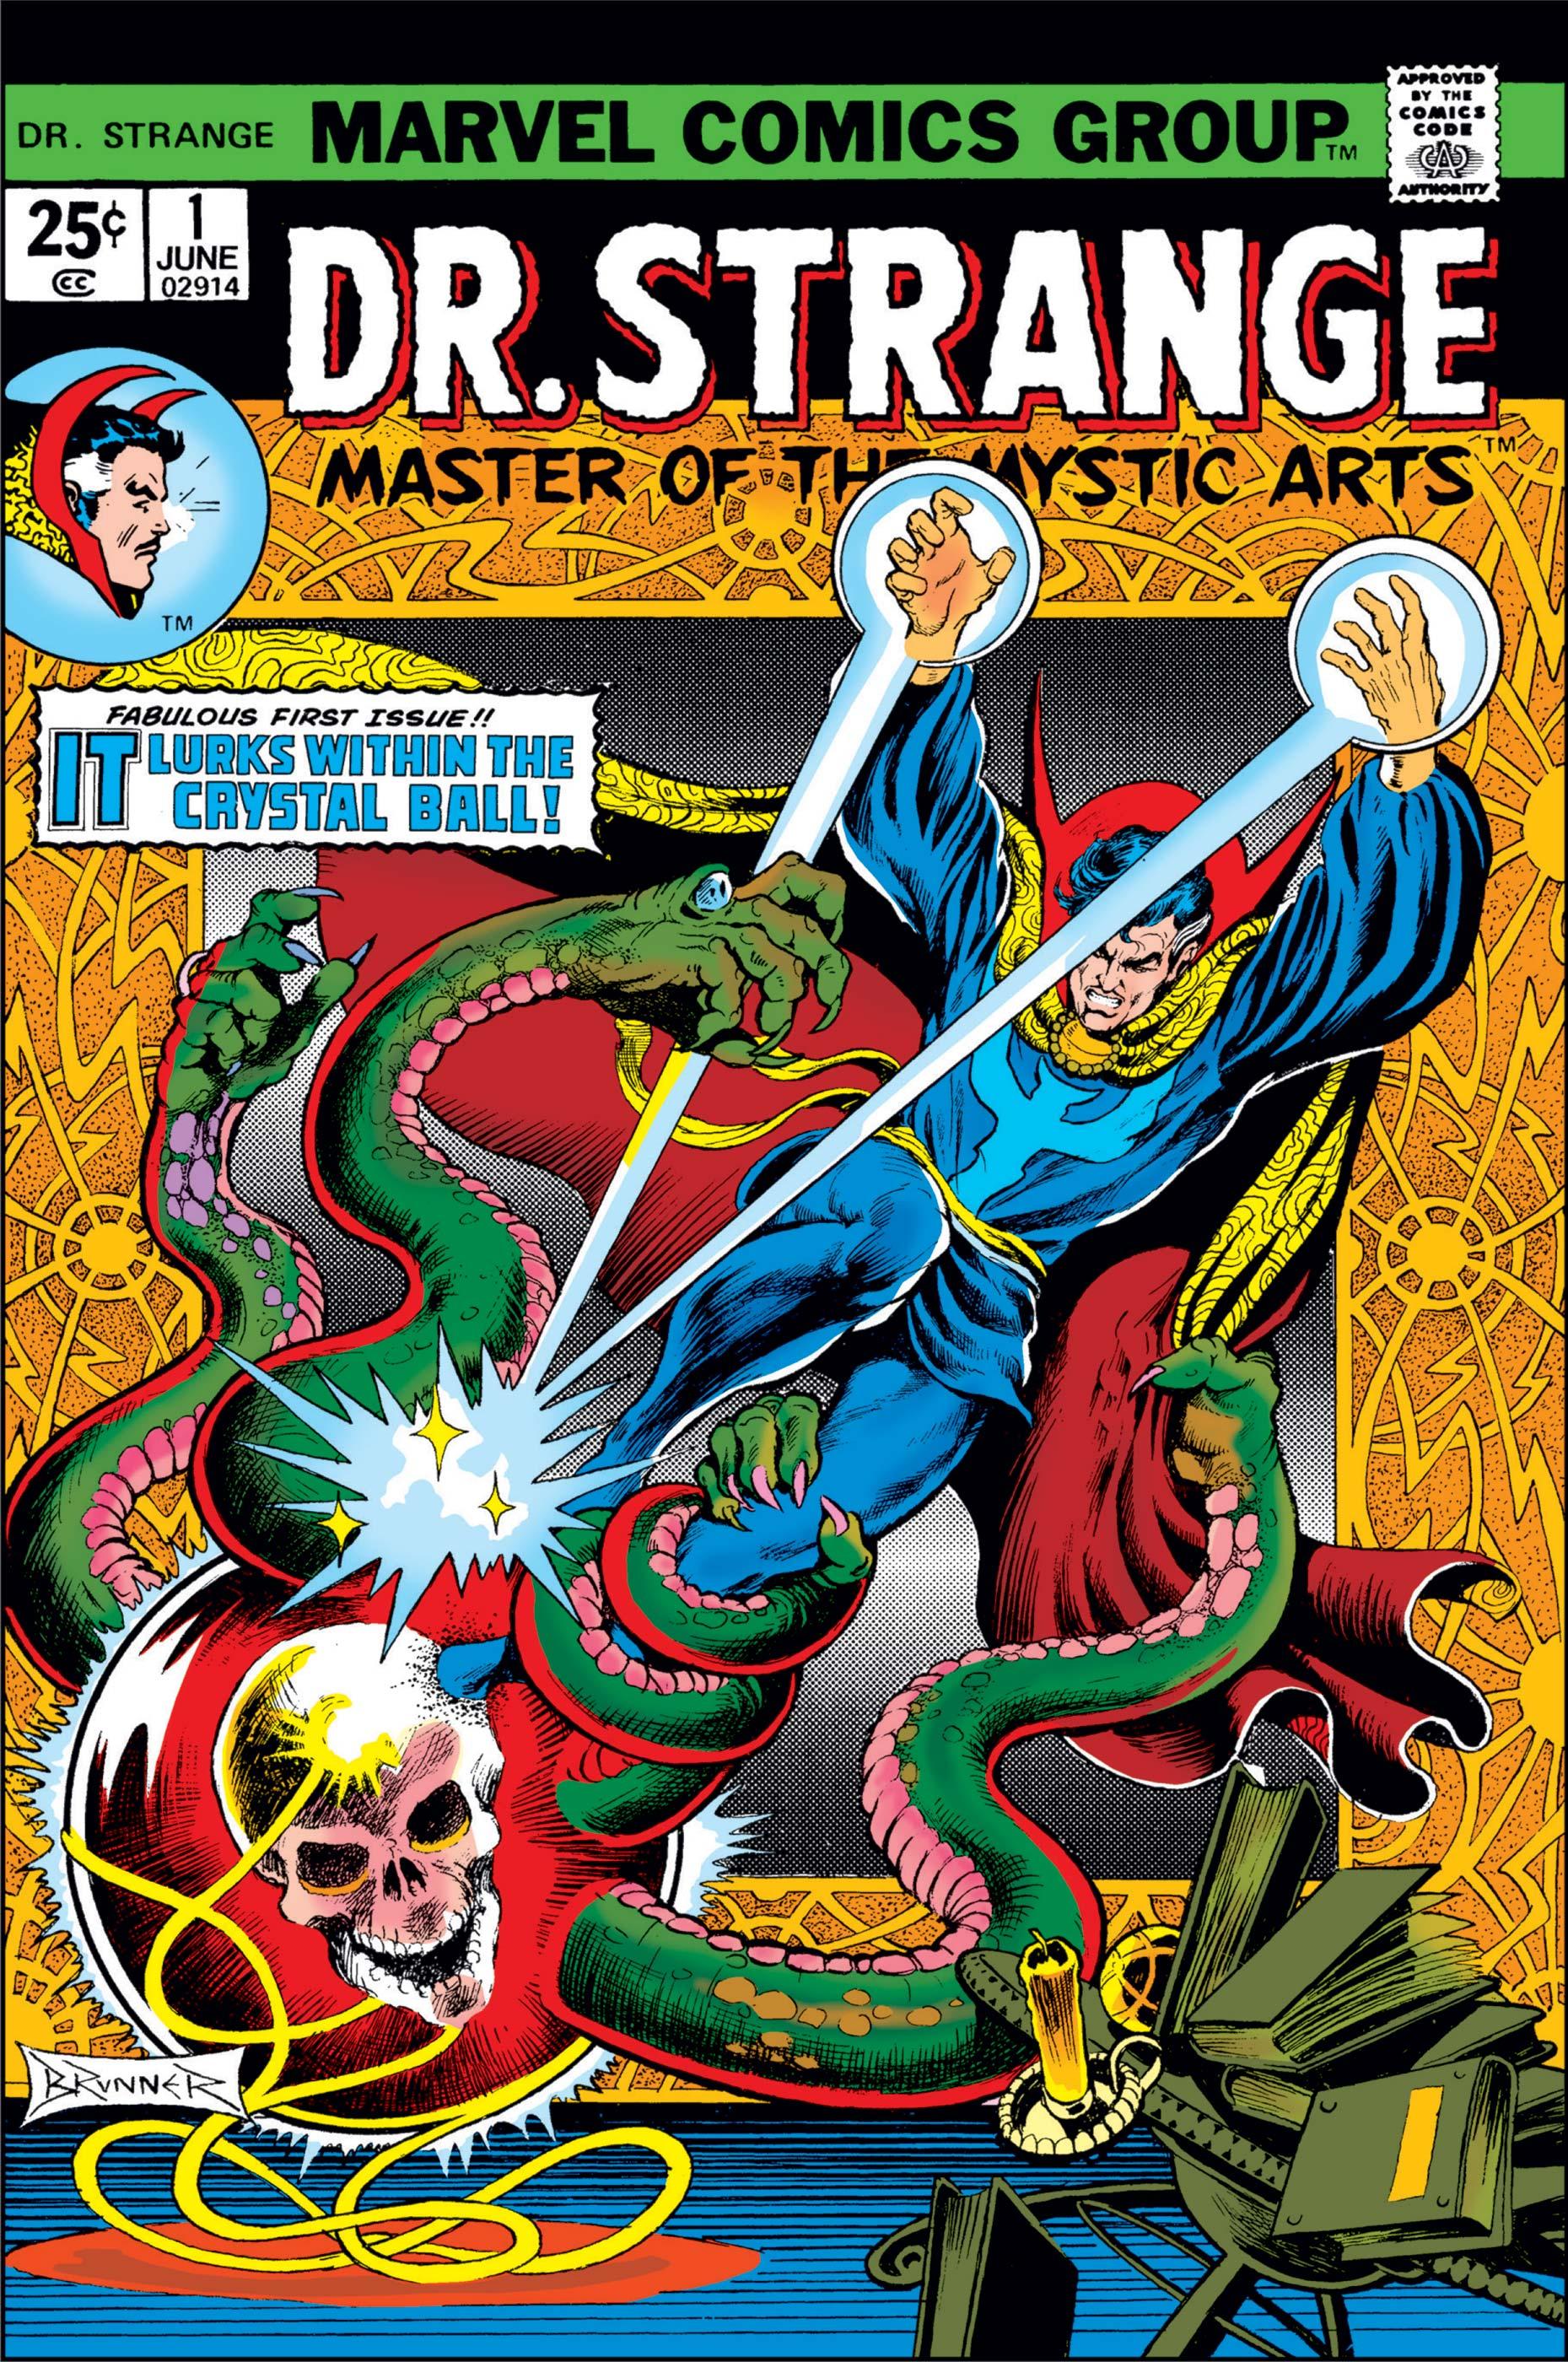 Image result for Dr. Strange comic